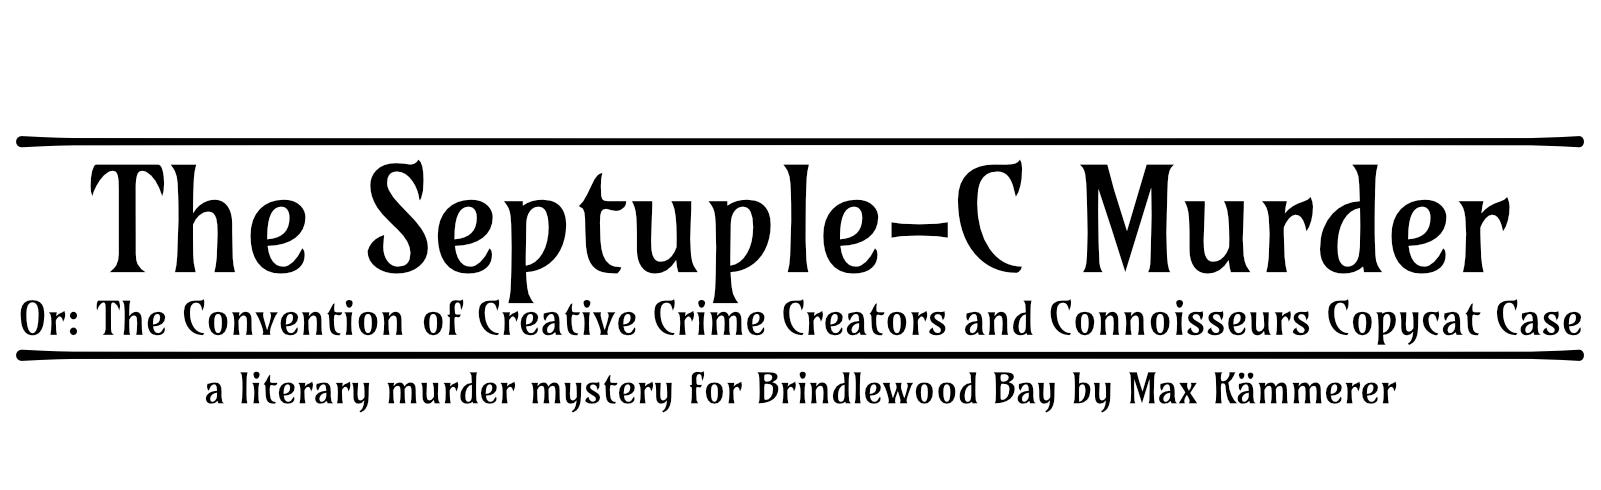 The Septuple-C Murder - A literary murder mystery